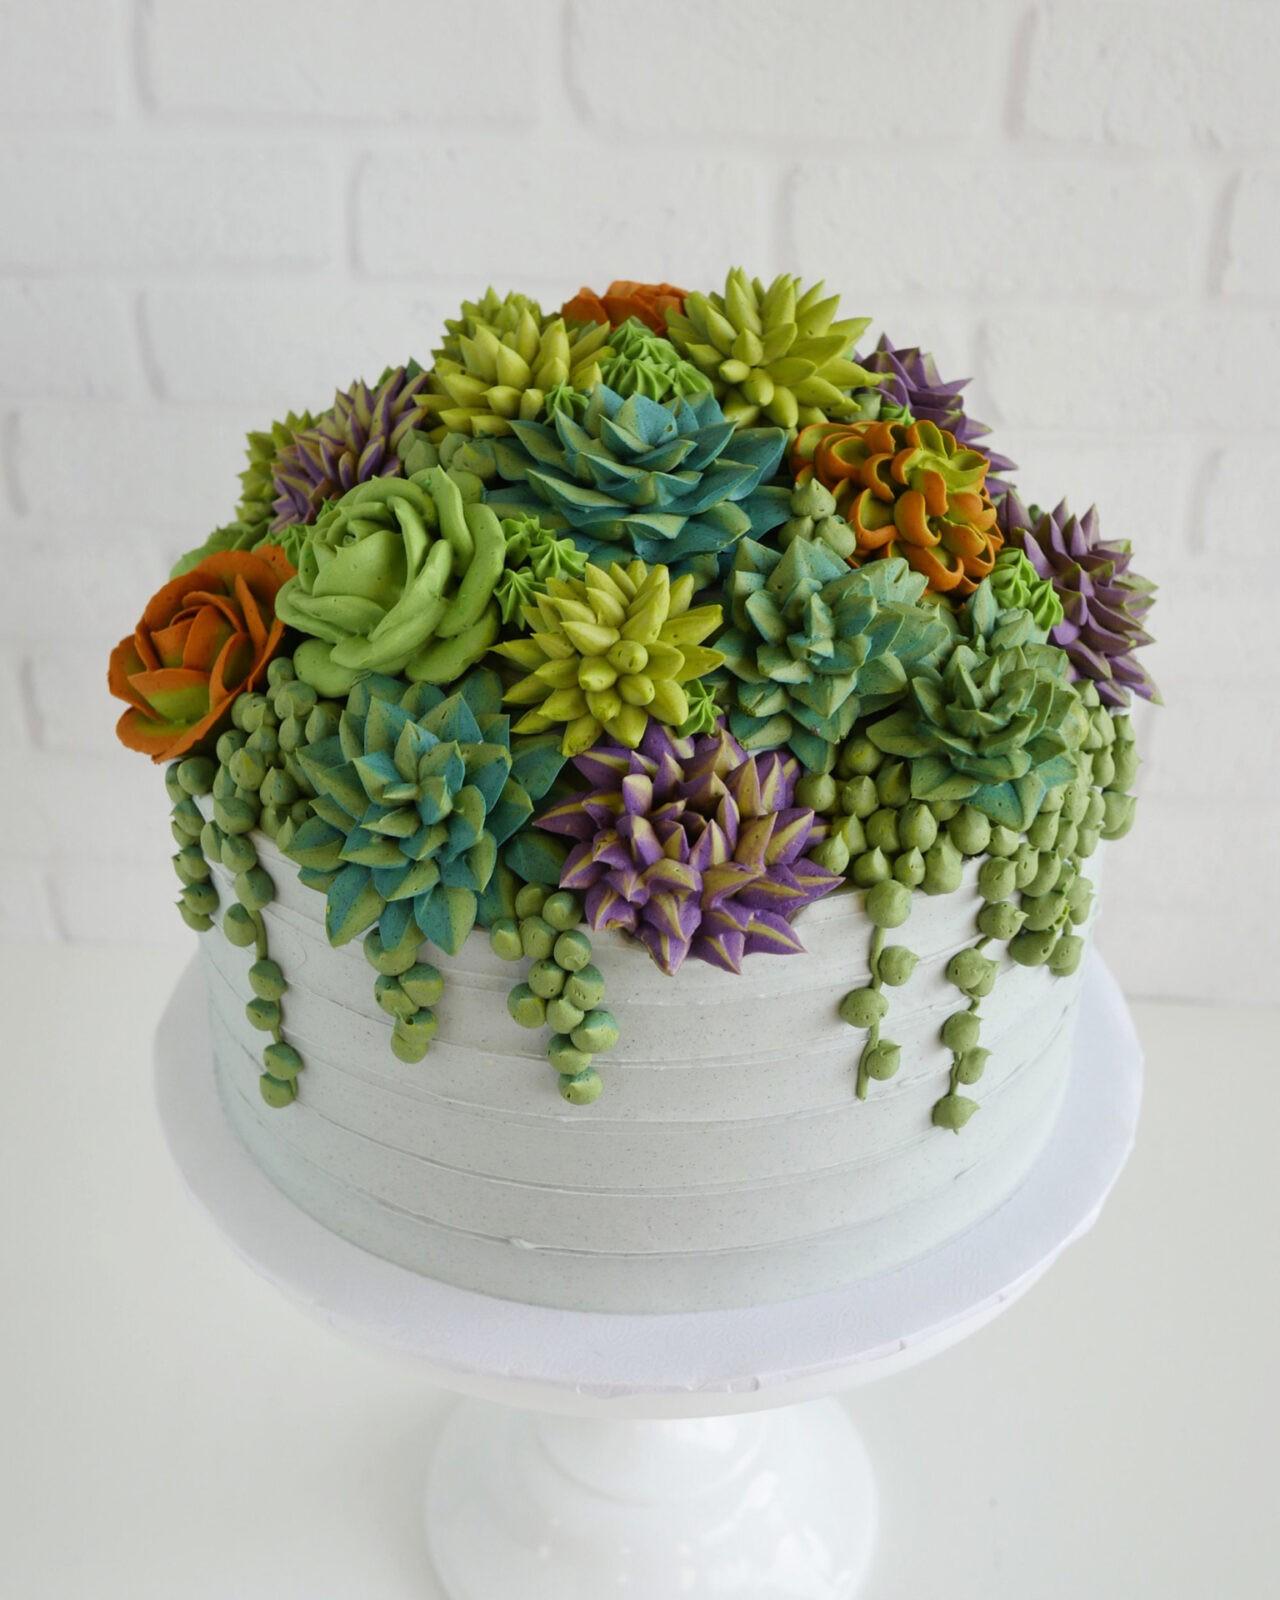 Buttercream Succulents Decorate Edible Planters by Leslie Vigil